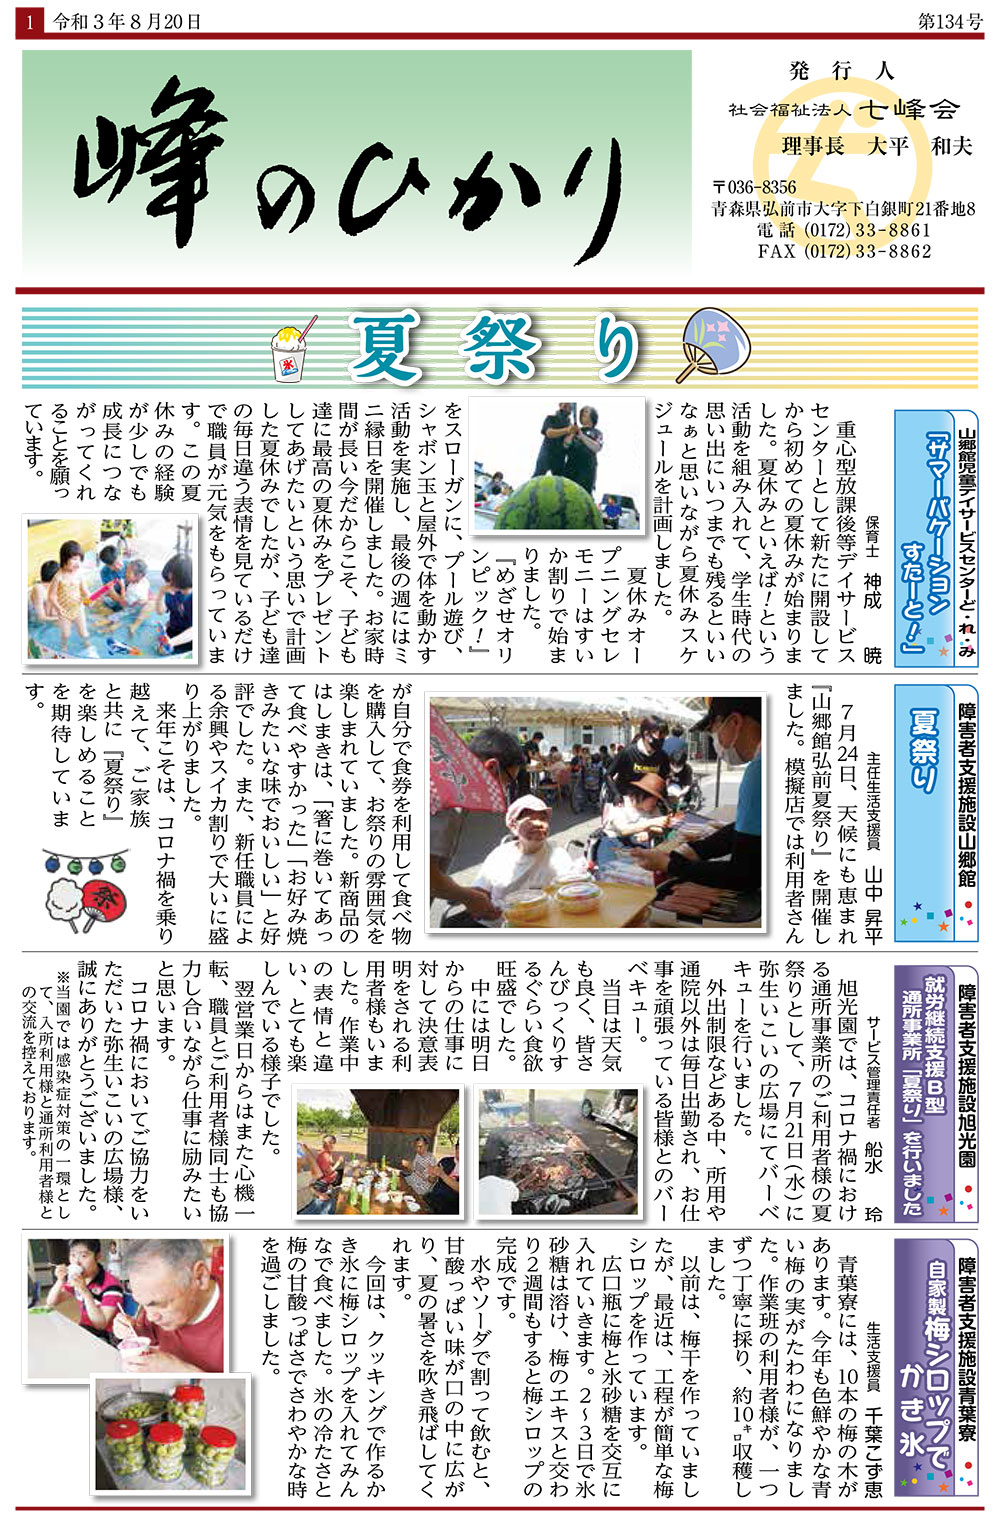 社会福祉法人・七峰会 「峰のひかり」第134号